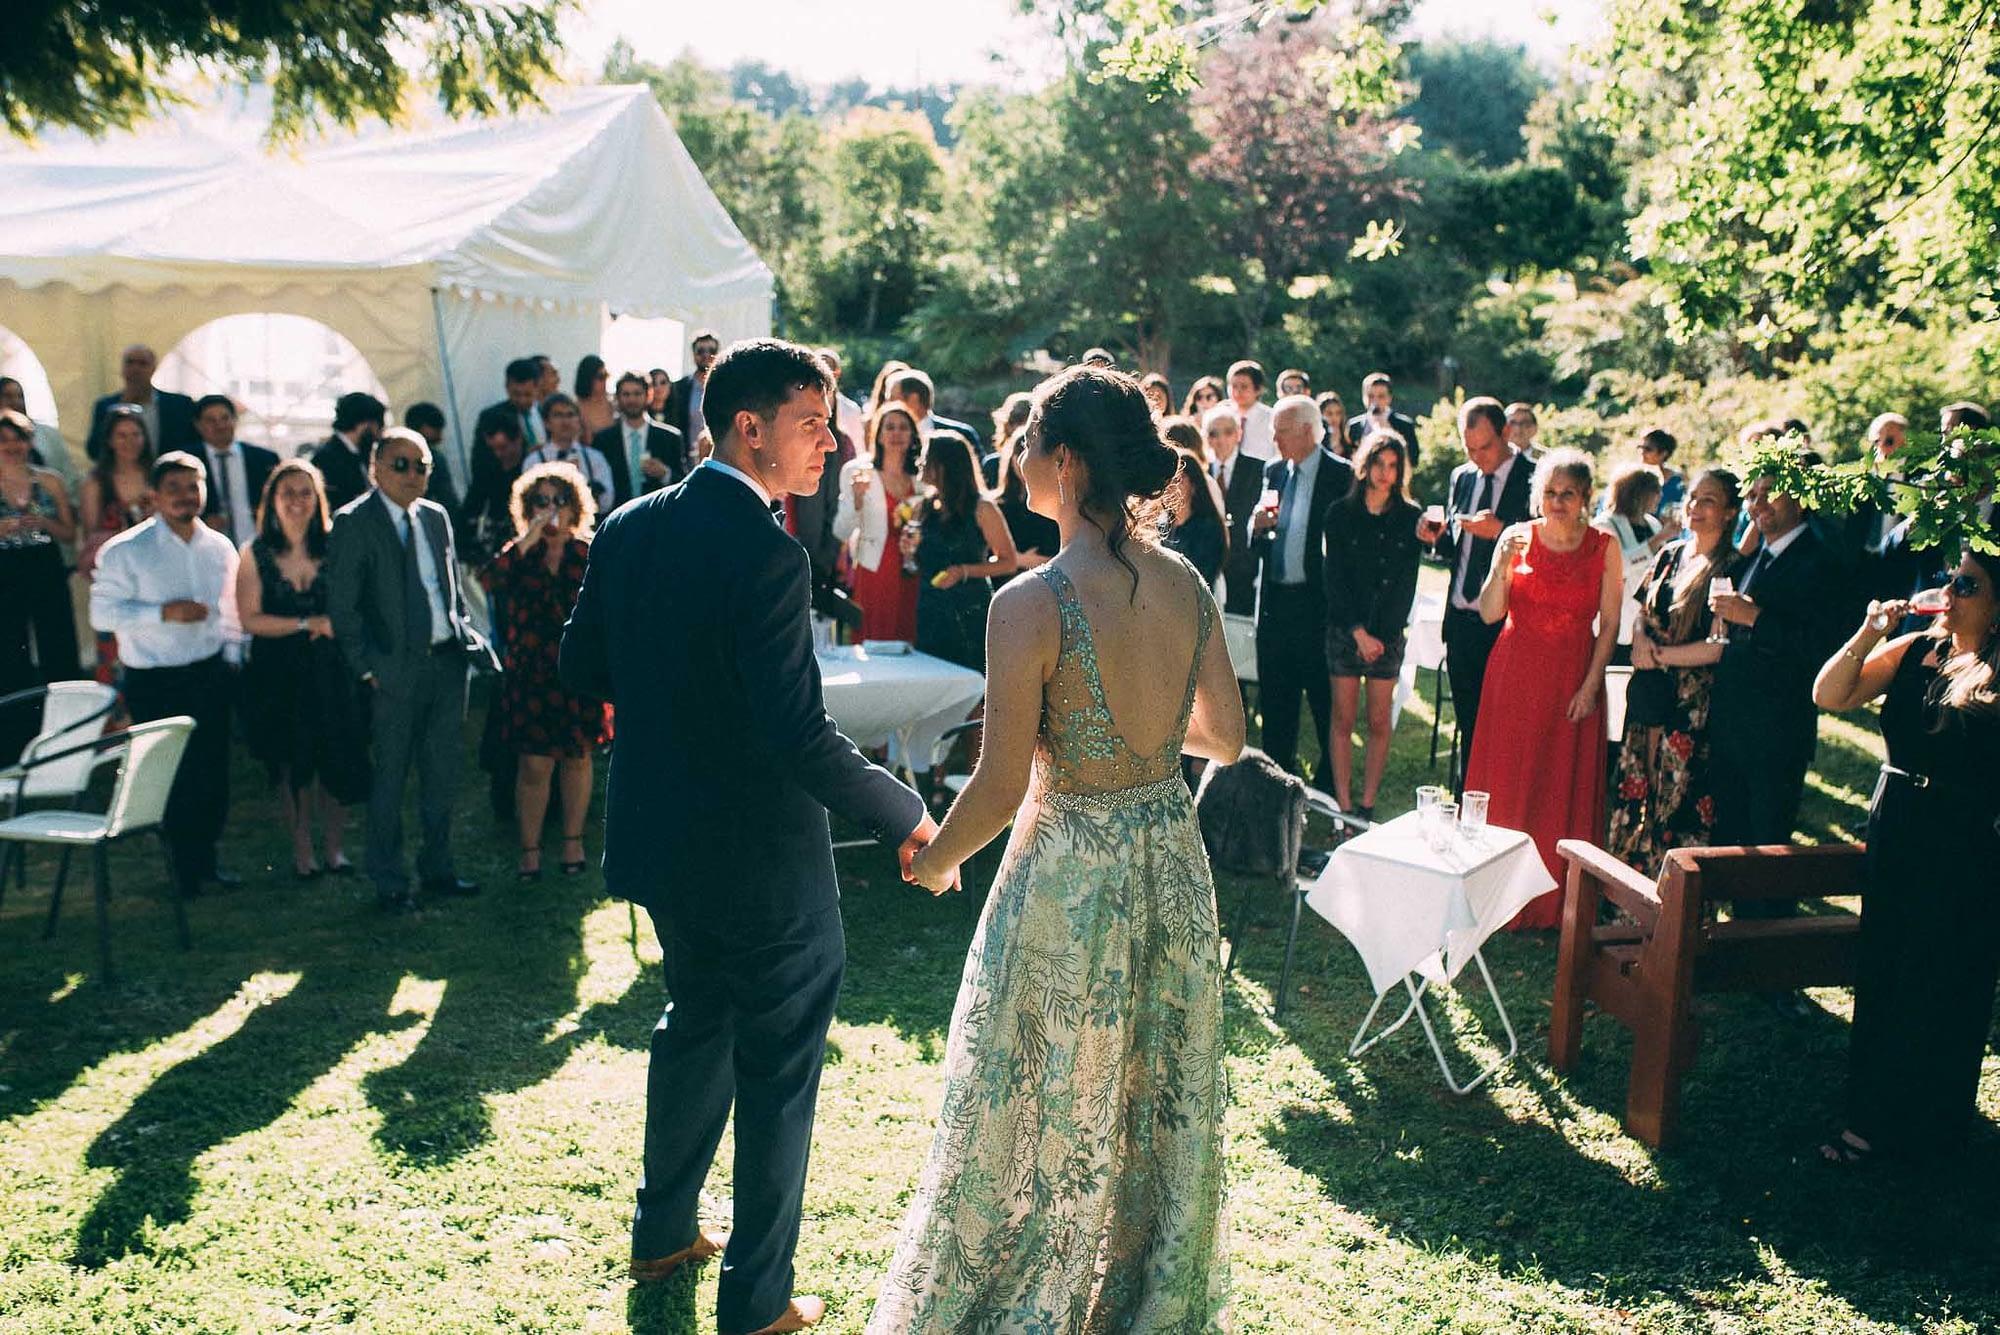 la fragua centro de eventos-purranque-decima region-llanquihue-matrimonio campestre-fotografo documental de matrimonios-make up-coctel-aire libre